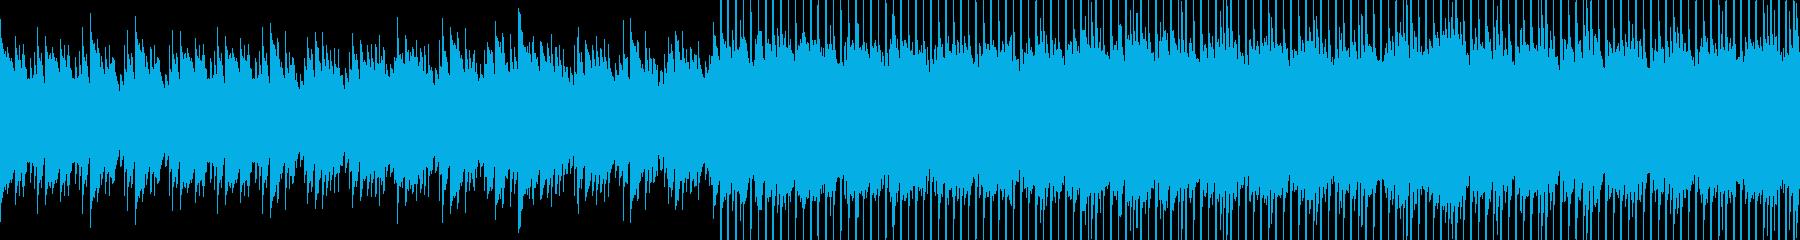 結婚式などの感動的な場面向けループBGMの再生済みの波形